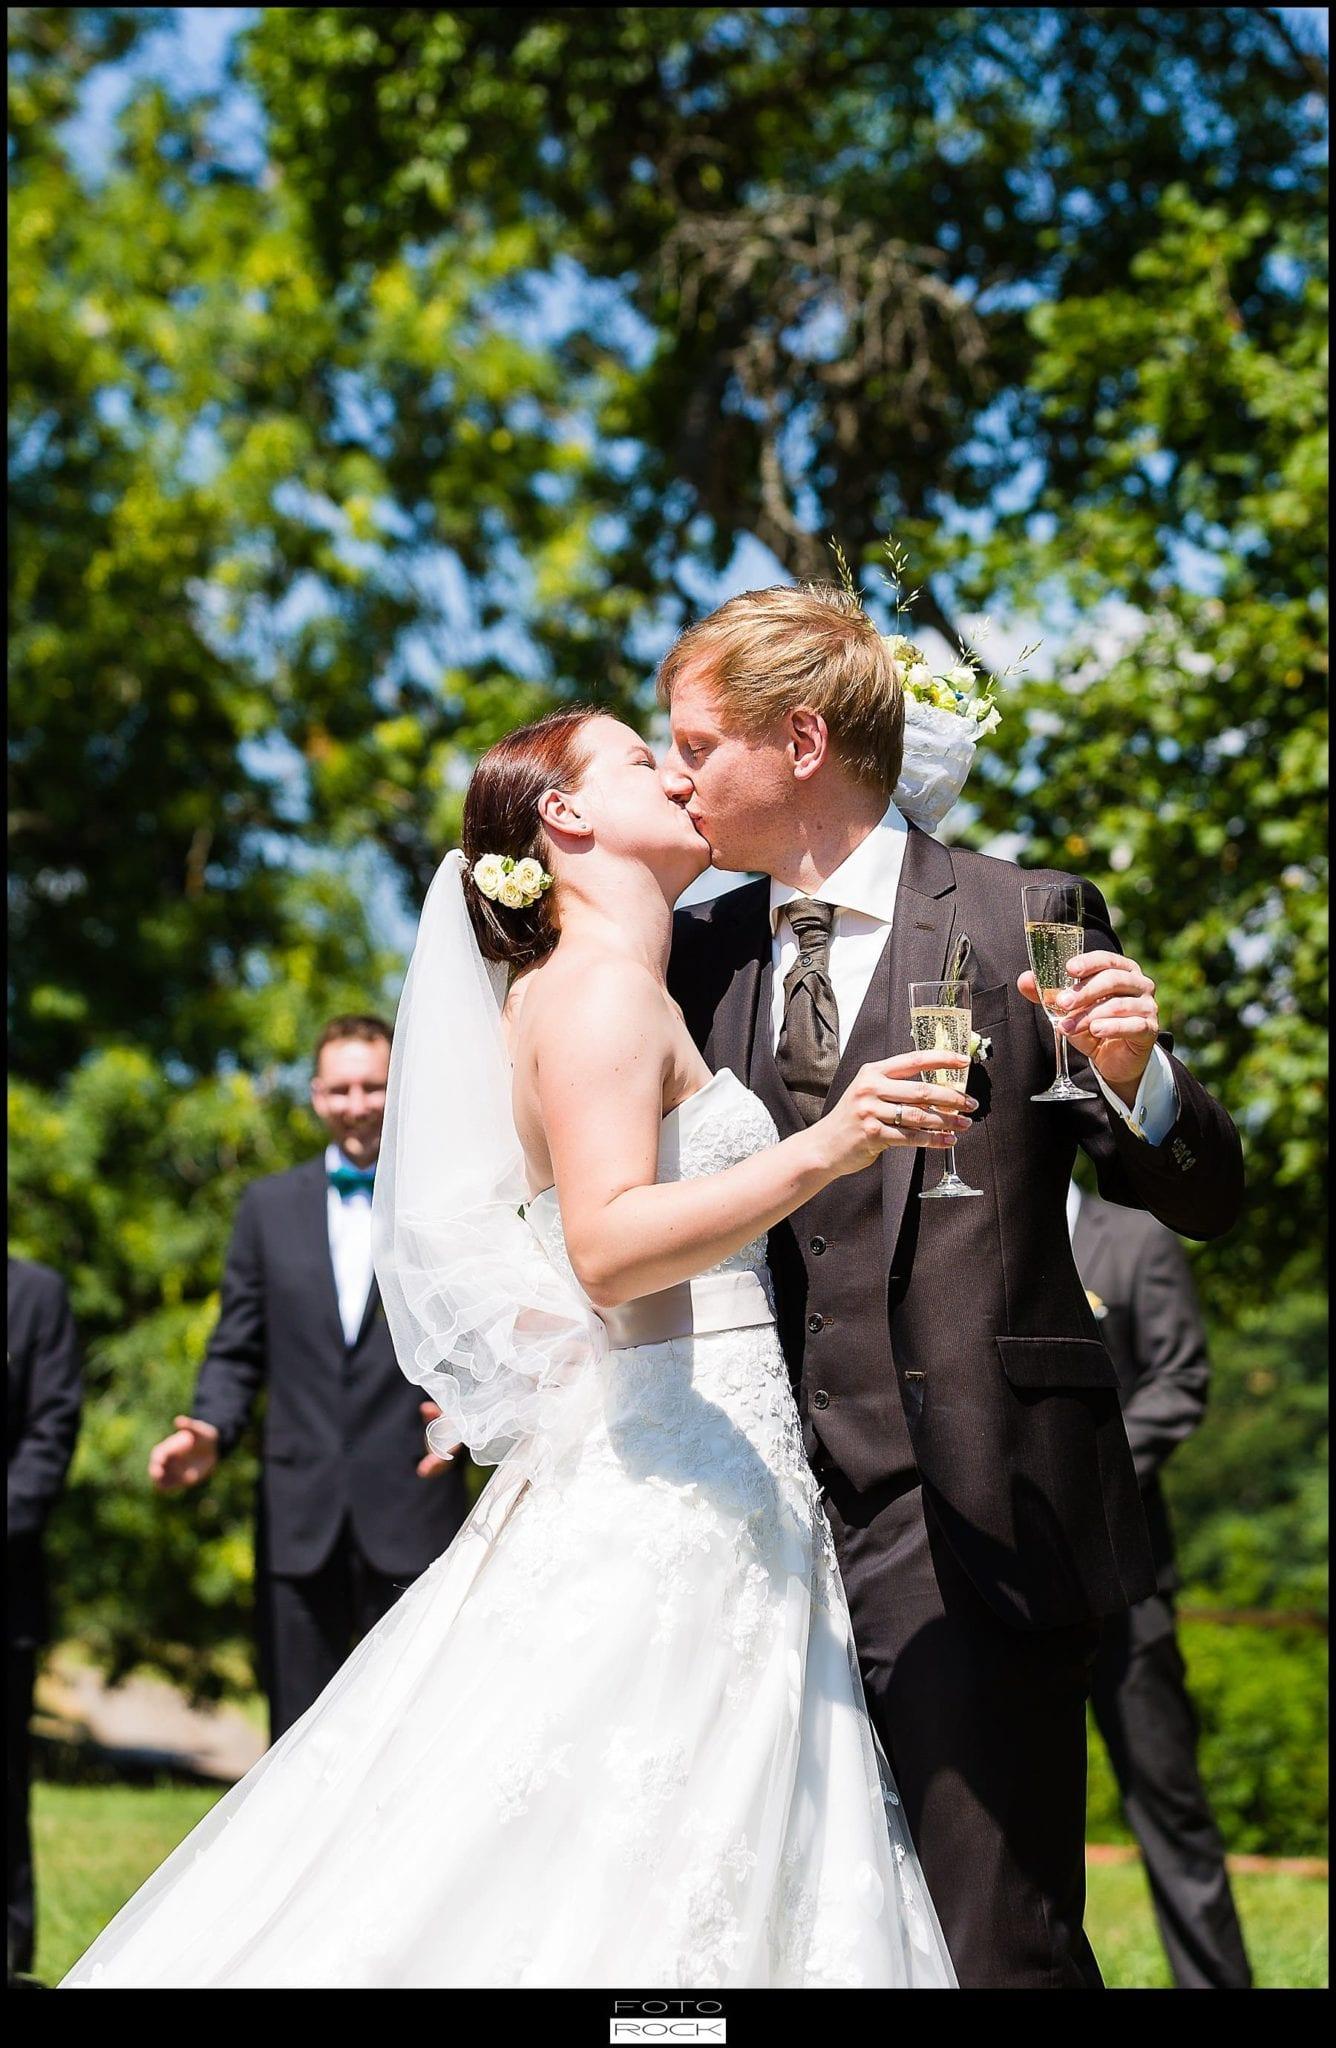 DIY Hochzeit Waldshut-Tiengen Brautpaar Kuss Sekt Sektempfang Blumen